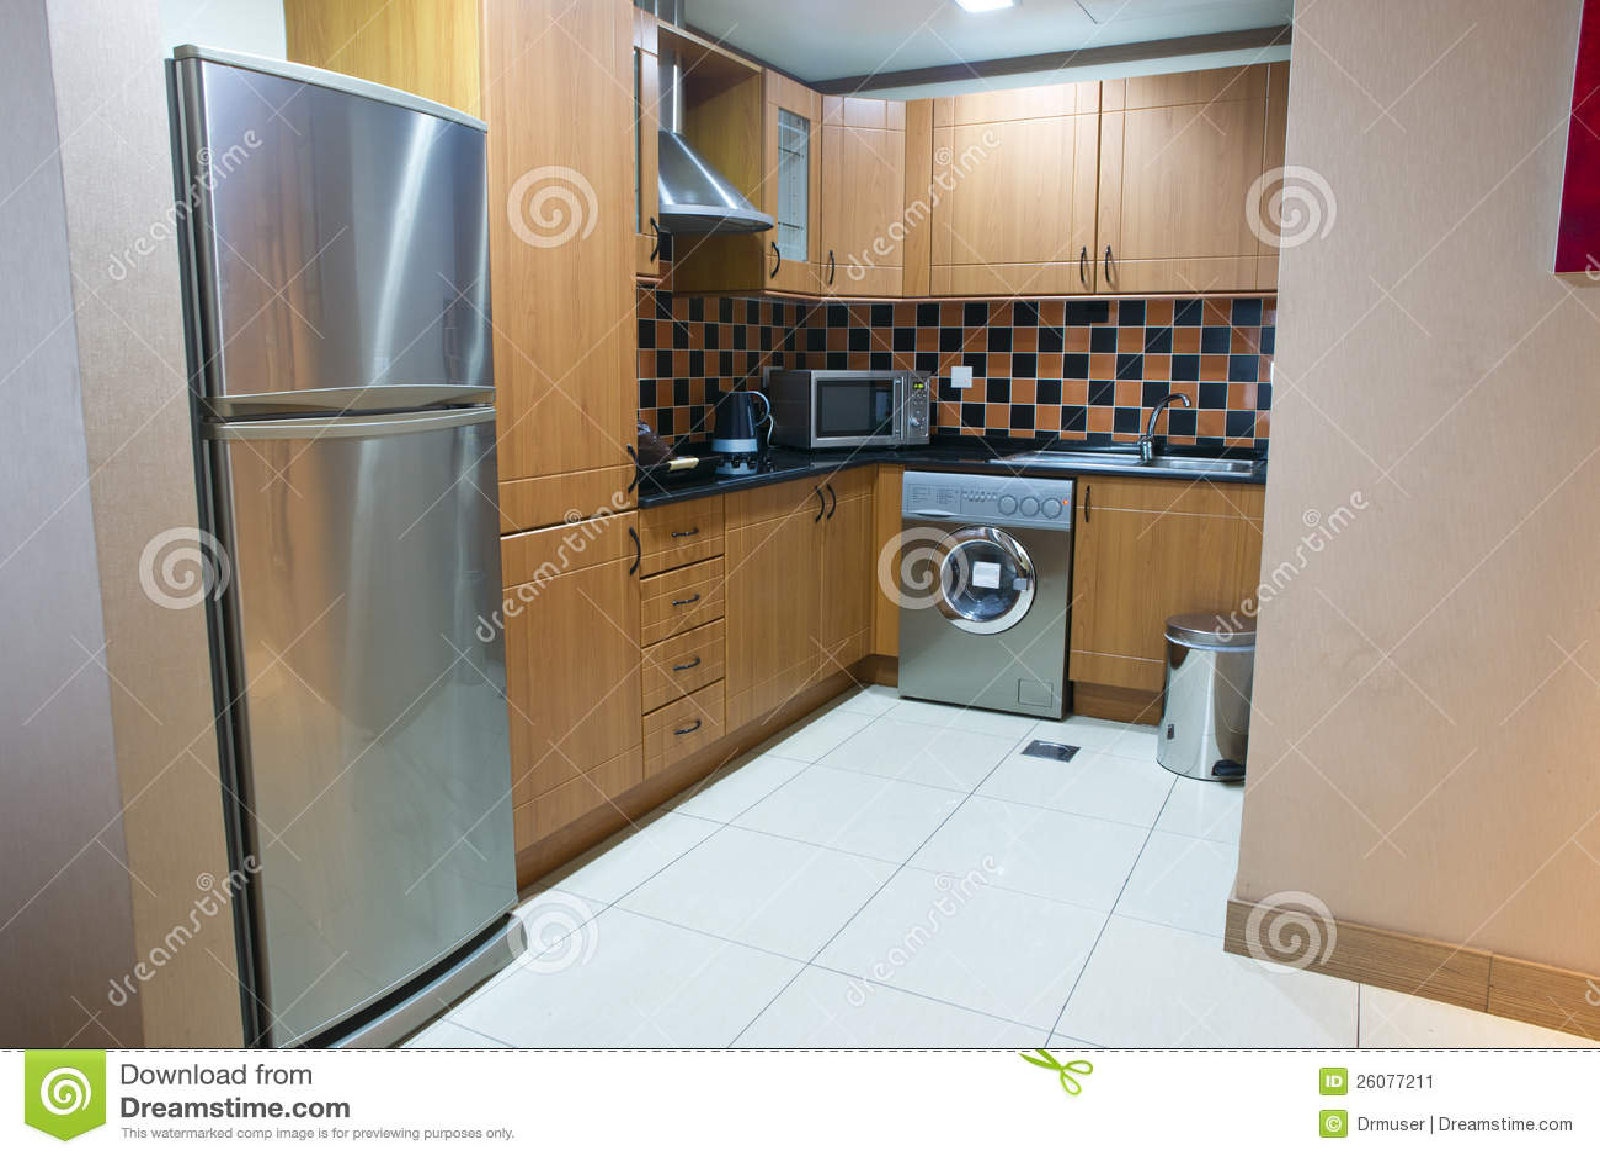 Kleine keuken stock afbeelding afbeelding bestaande uit huis 26077211 - Kleine keuken amenagee ...